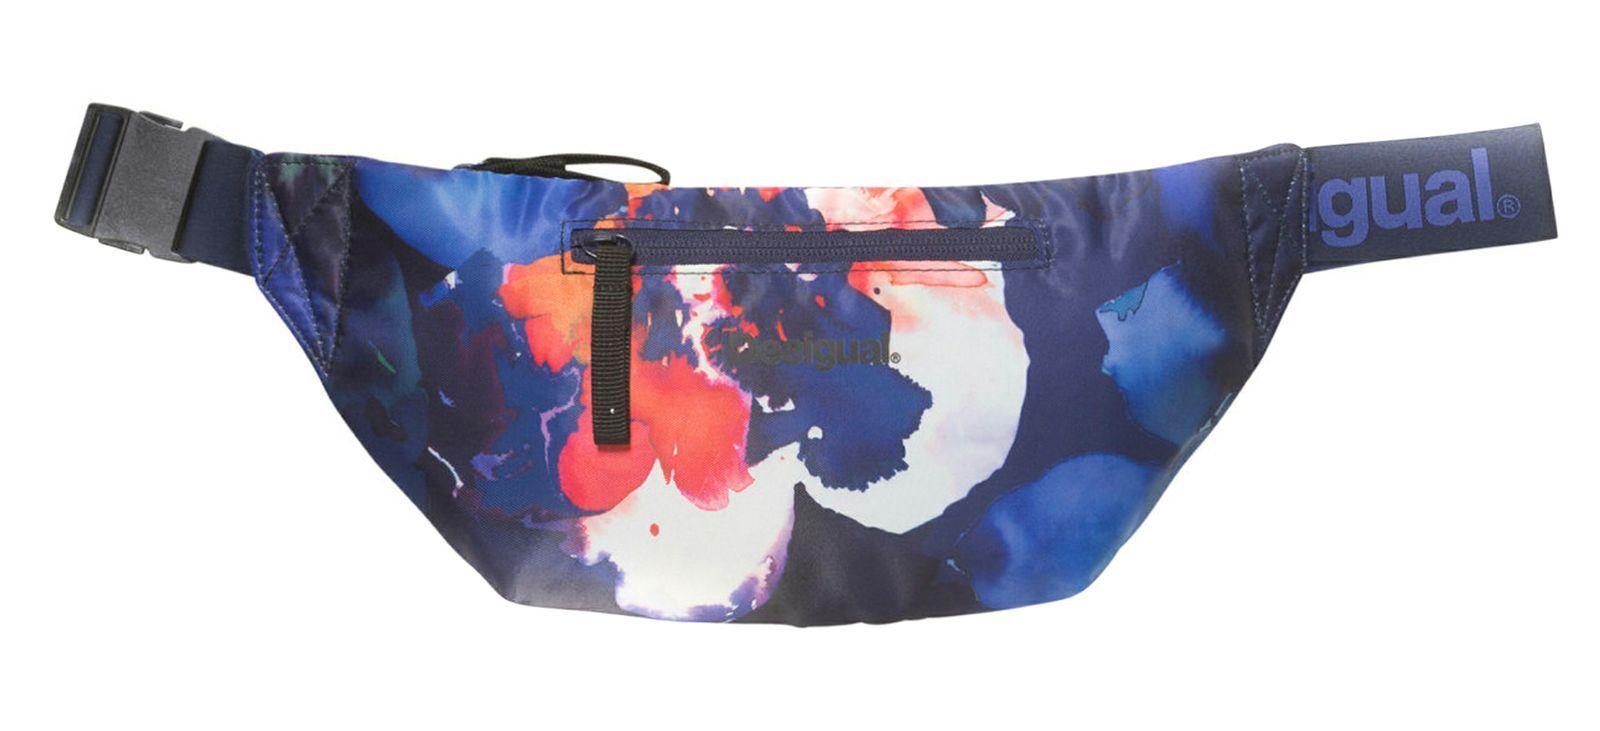 Desigual Camo Flower Waist Bag Gürteltasche Gürteltasche Gürteltasche Tasche Weiß Blau Weiß Neu 3fffd6